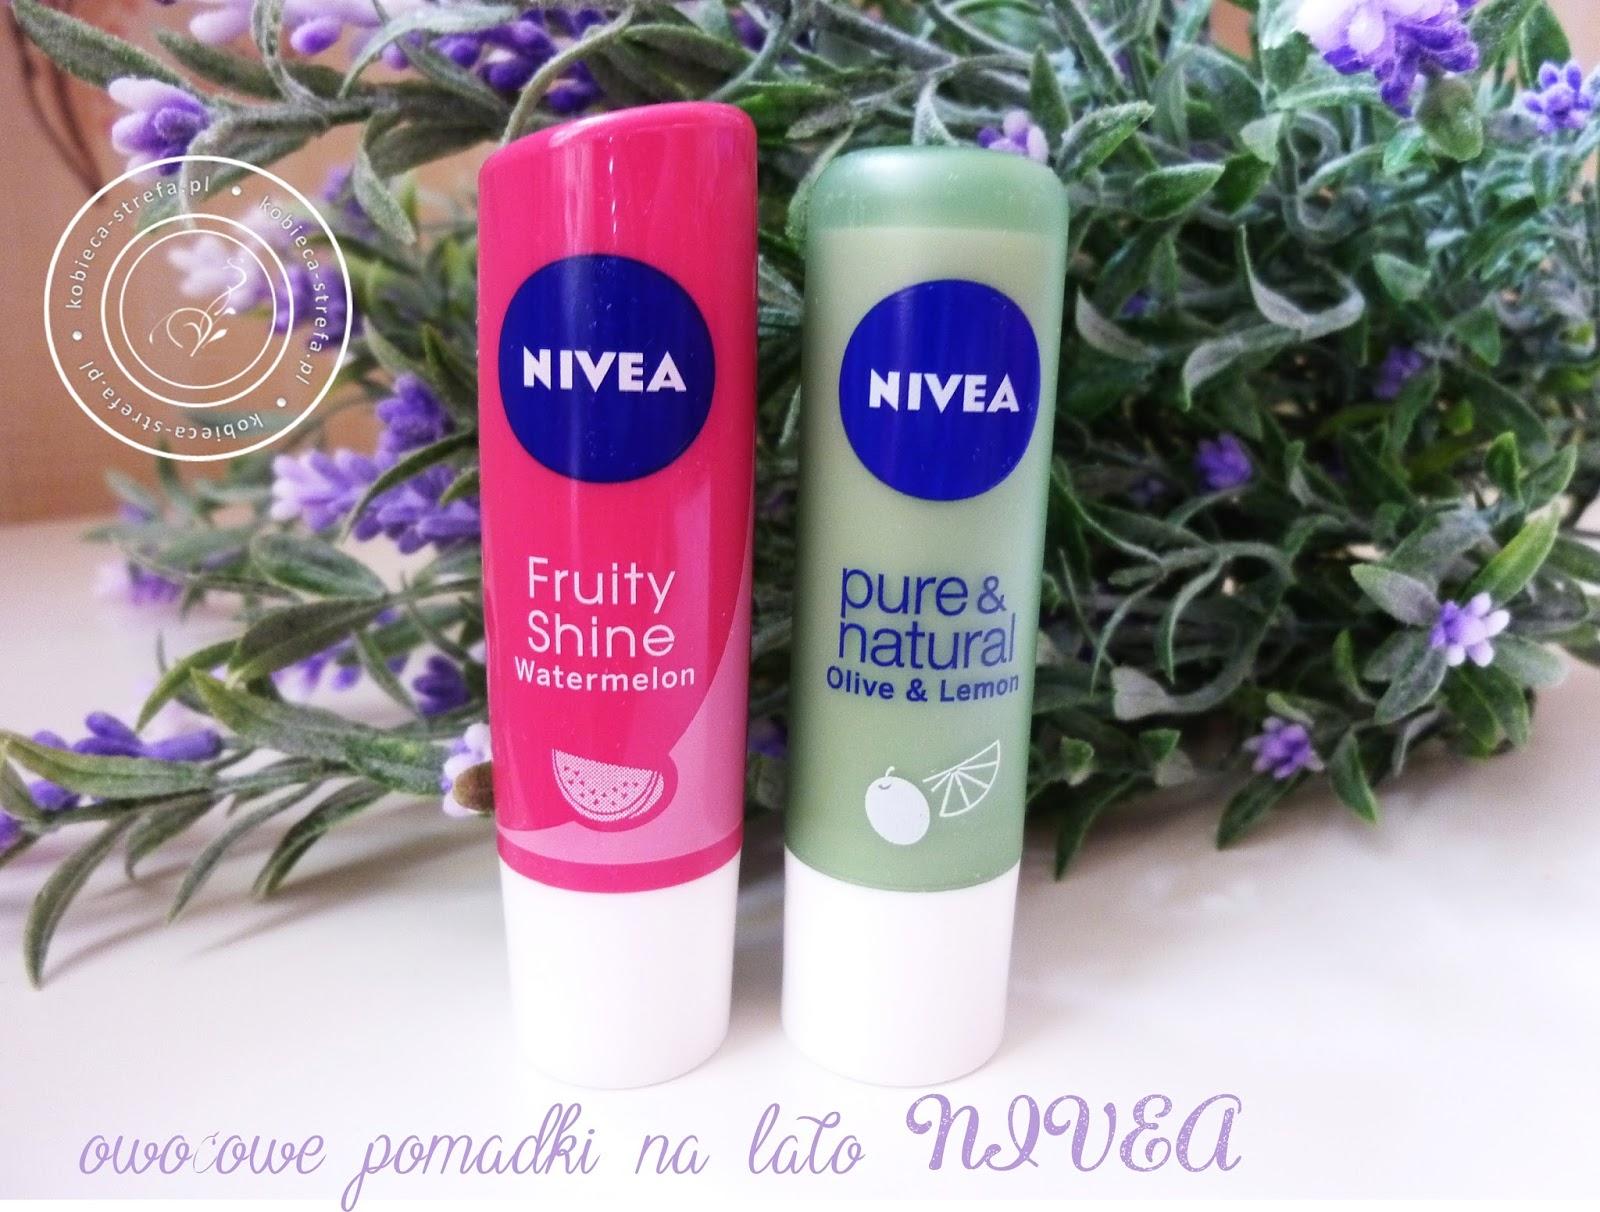 Owocowe szaleństwo z pomadkami Nivea - arbuz oraz oliwka&cytryna